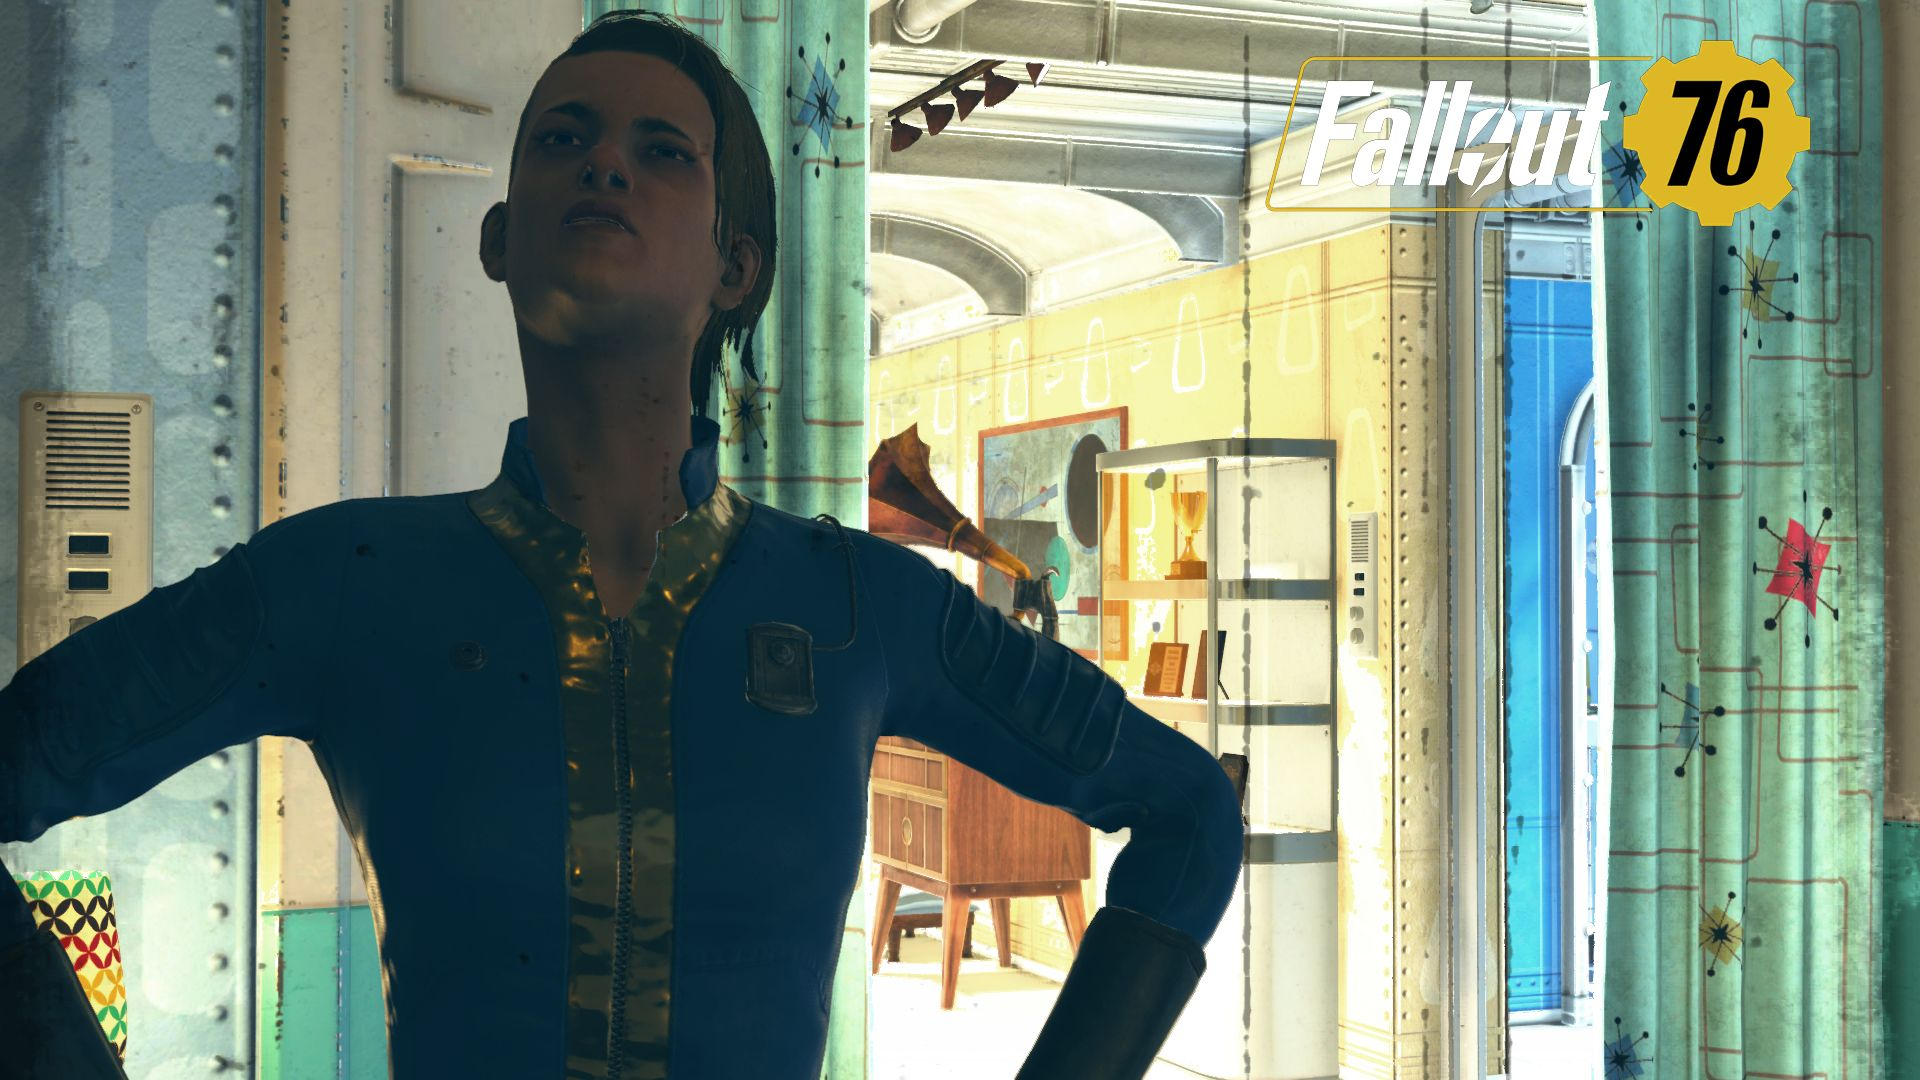 Fallout 76 Charakter Screenshot